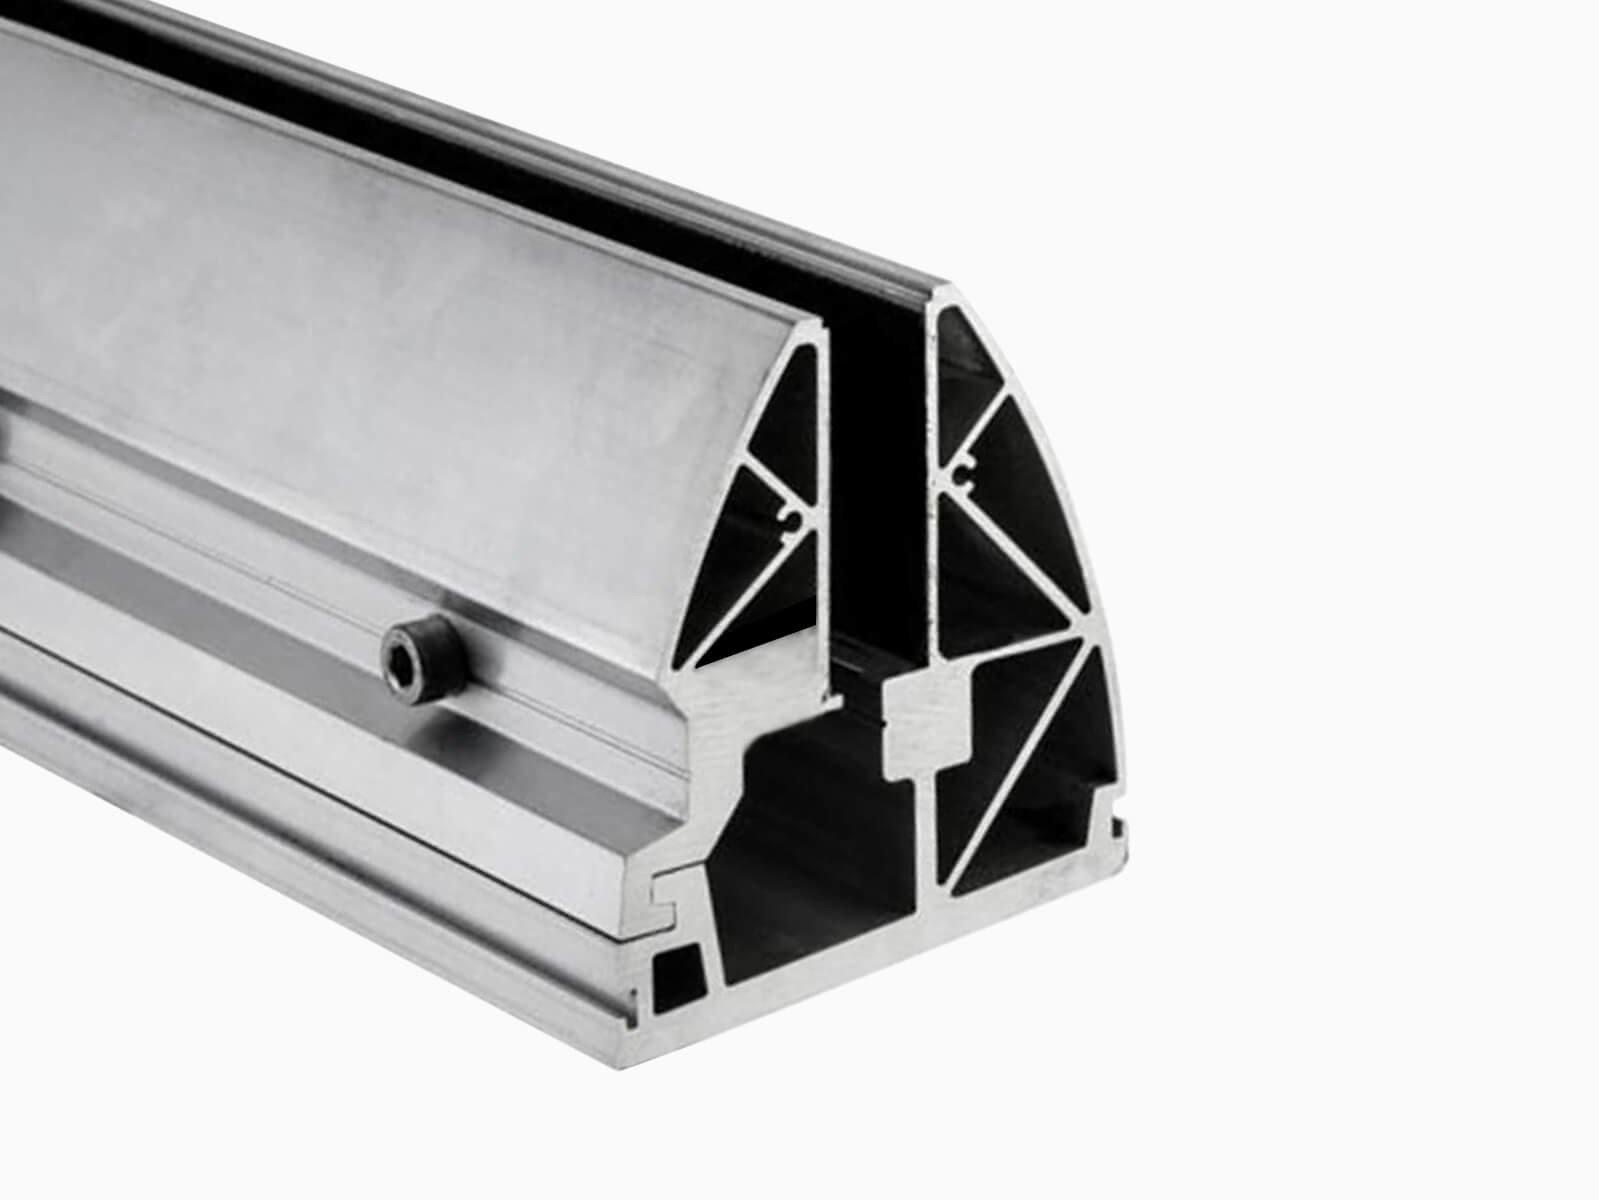 Klemmprofil aus Aluminium maximale Verarbeitung und Sicherheit aus deutscher Herstellung